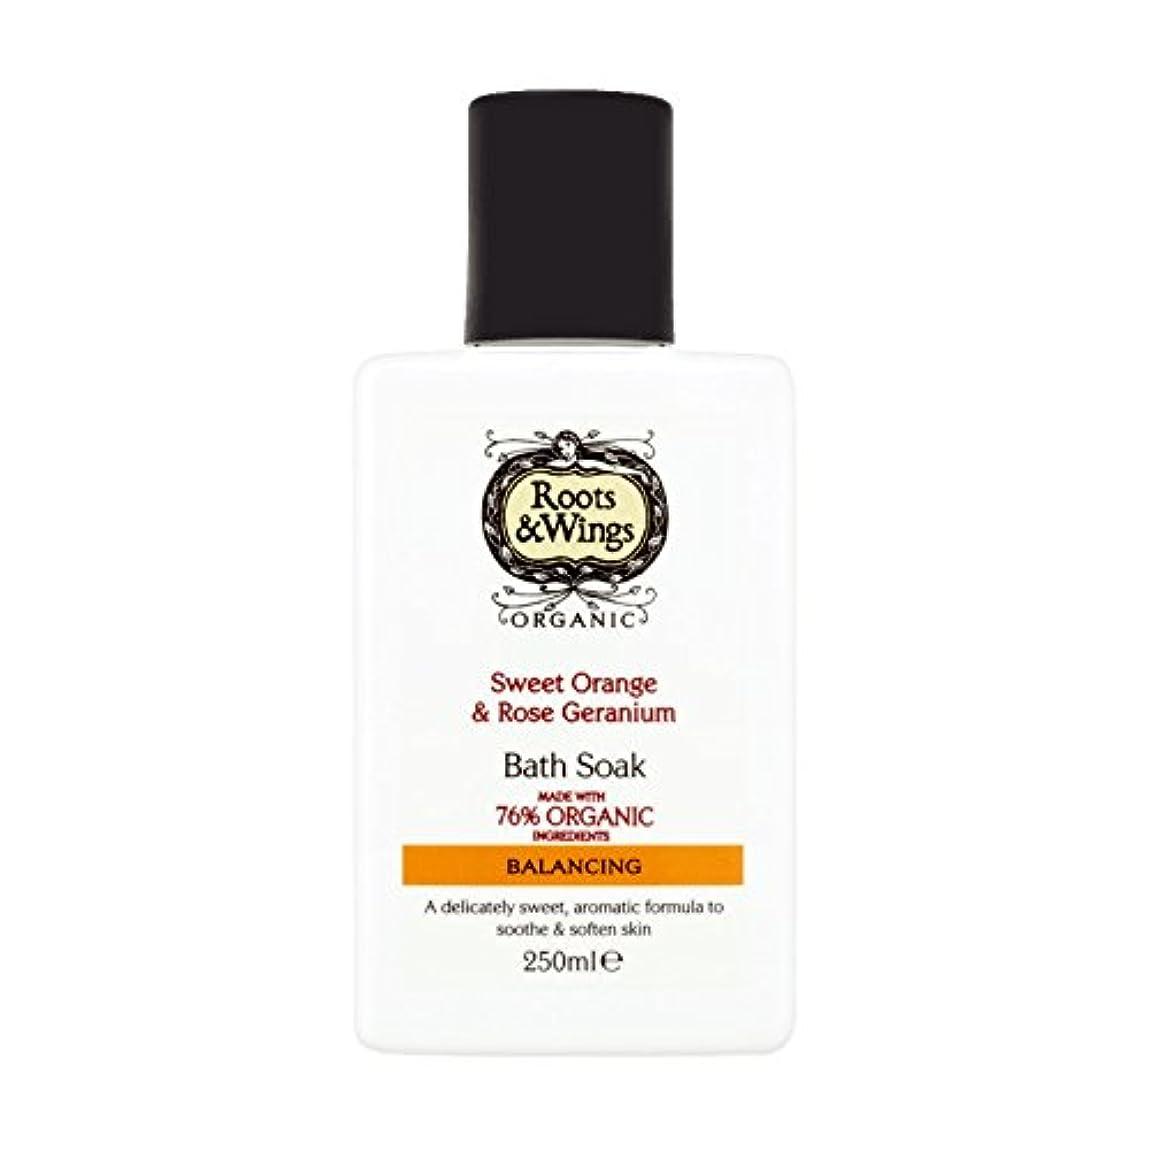 帝国主義機構量Roots & Wings Bath Soak Sweet Orange & Rose Geranium 250ml (Pack of 2) - ルーツ&翼バス甘いオレンジを浸し&ゼラニウム250ミリリットルをバラ (x2...